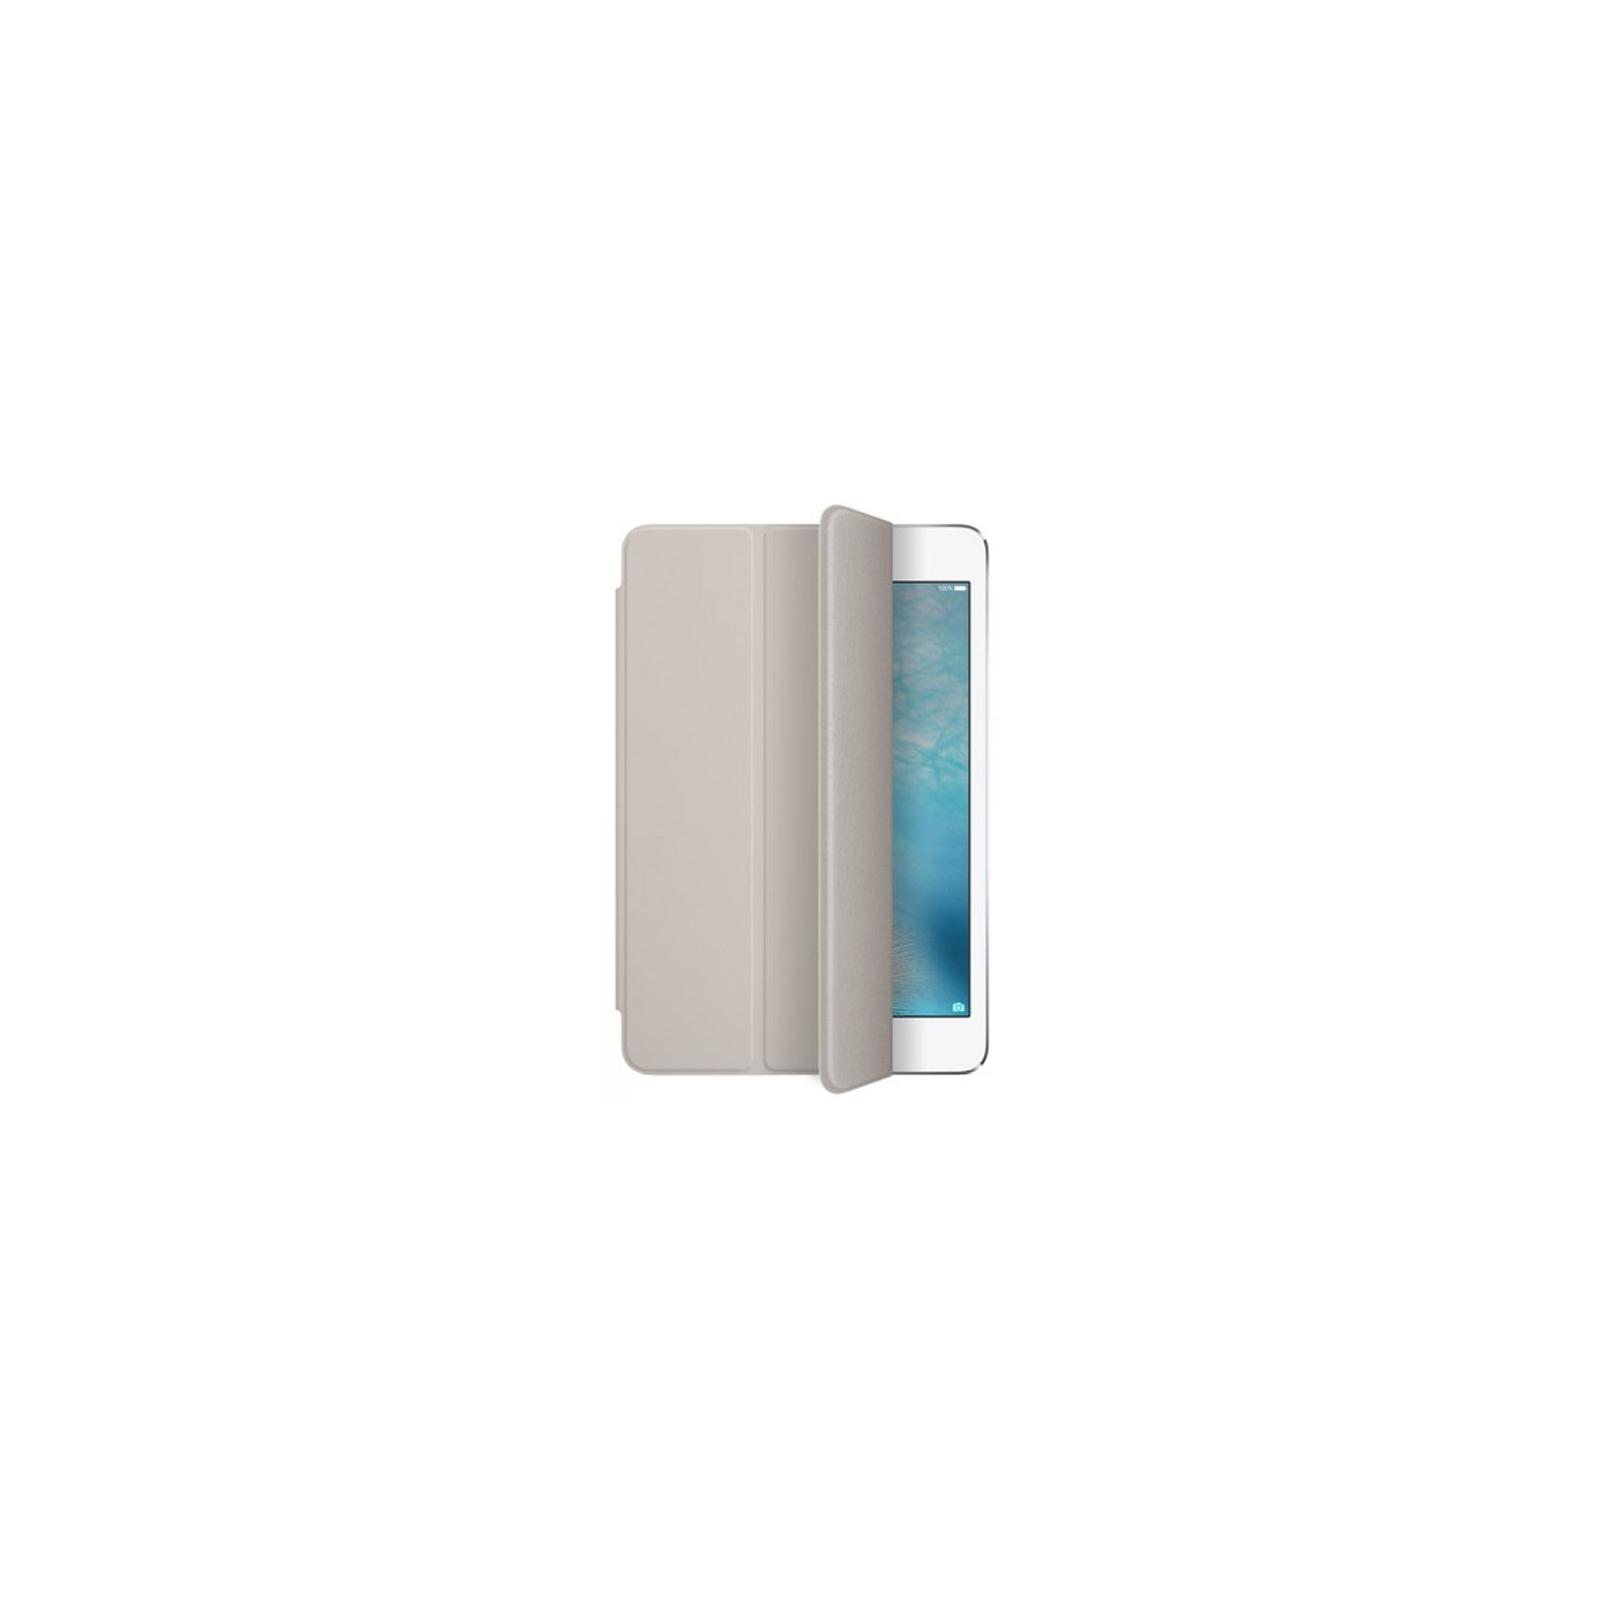 Чехол для планшета Apple Smart Cover для iPad mini 4 Stone (MKM02ZM/A) изображение 3